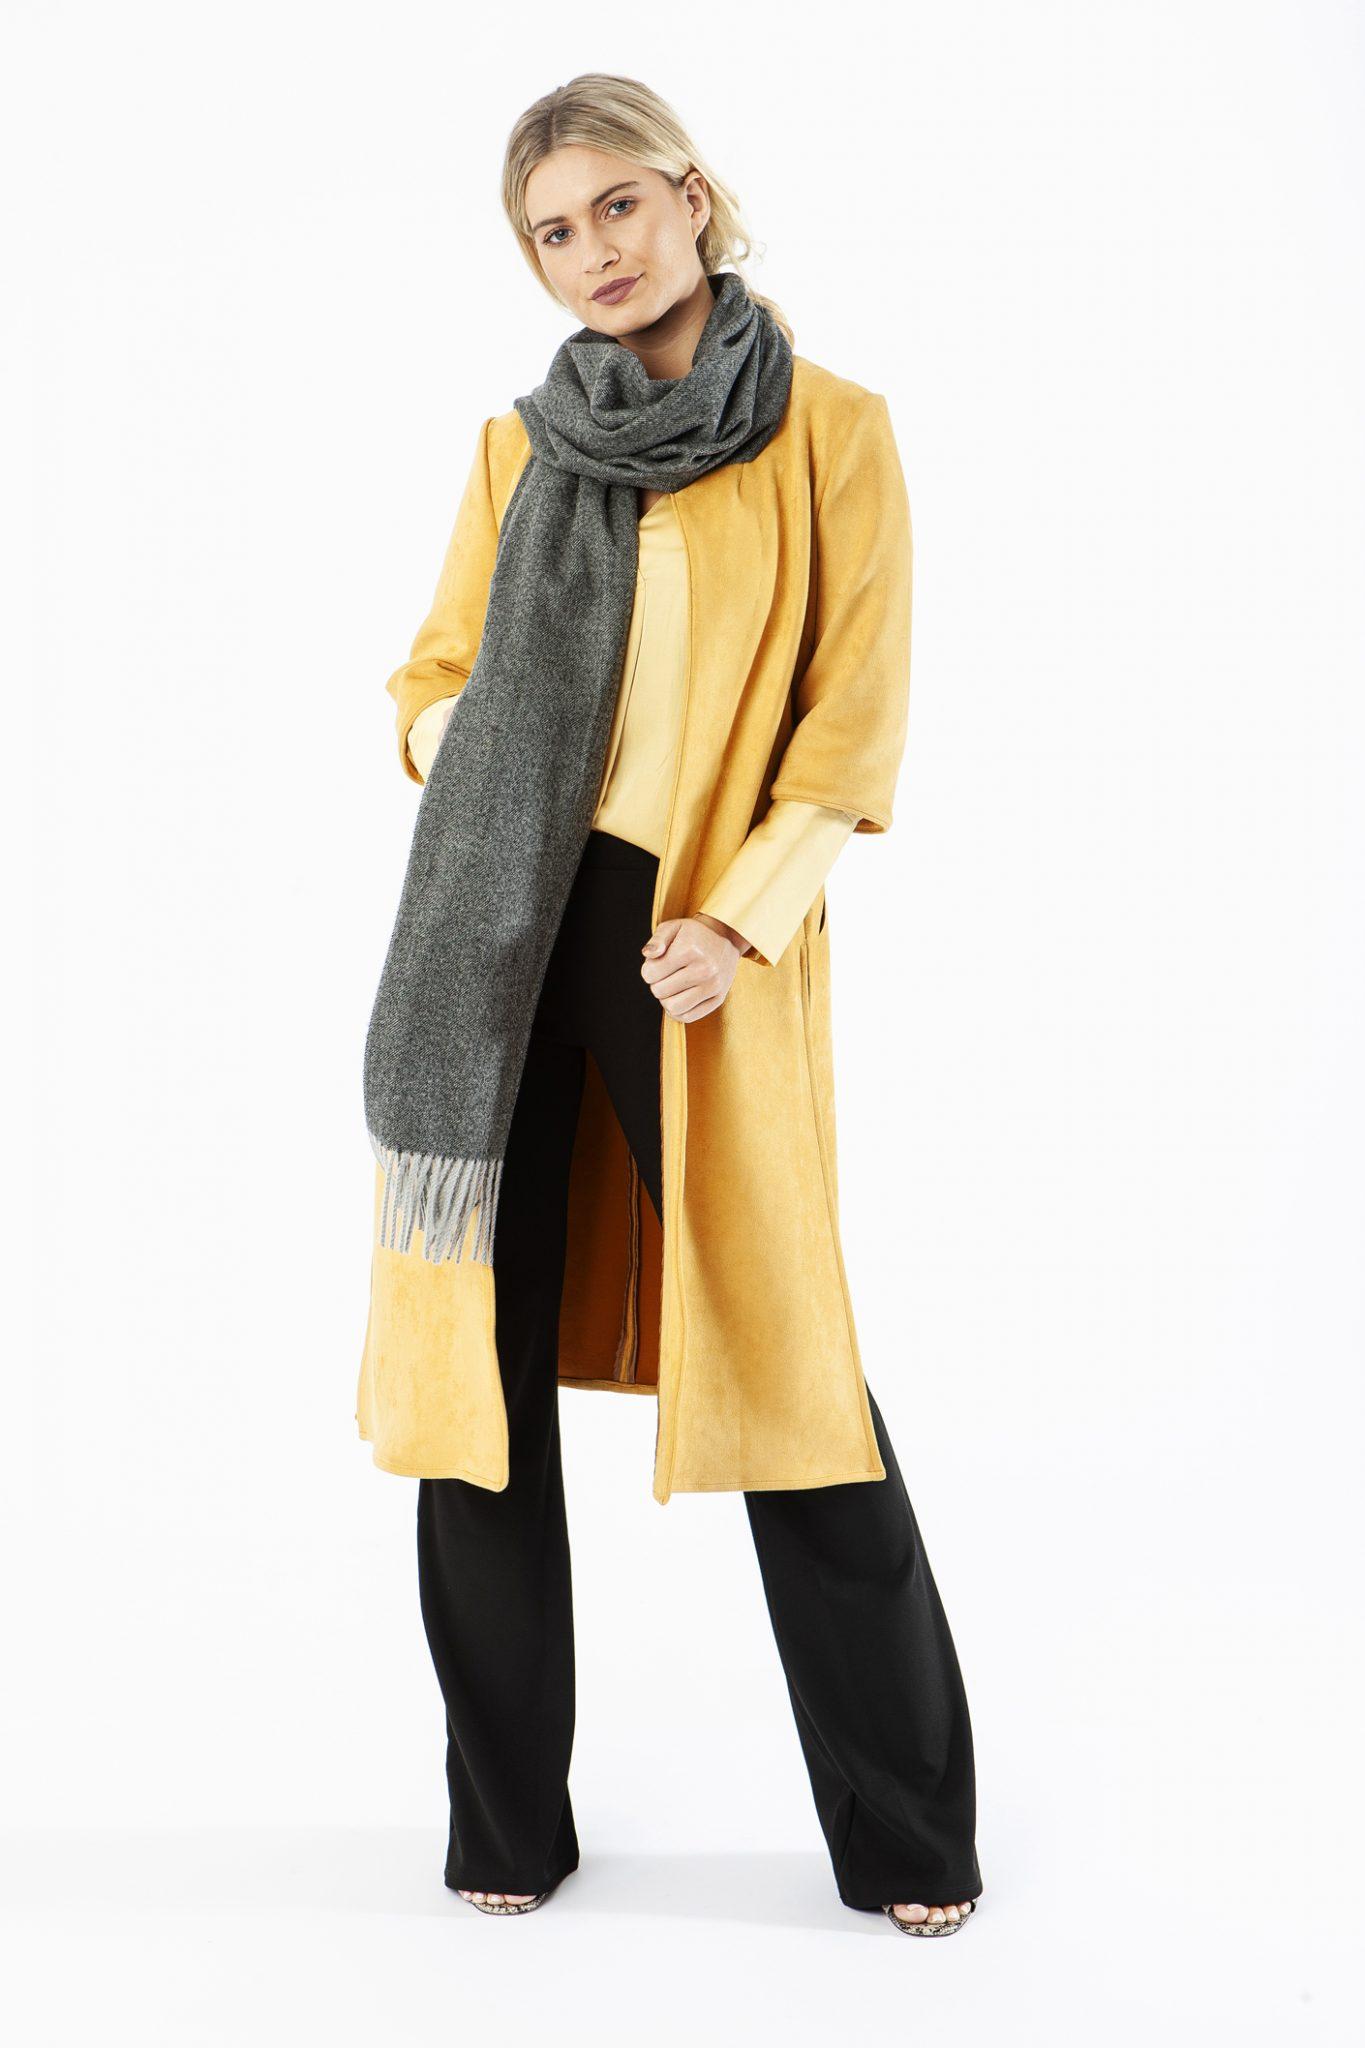 womenswear-ecommerce-fashion-photography